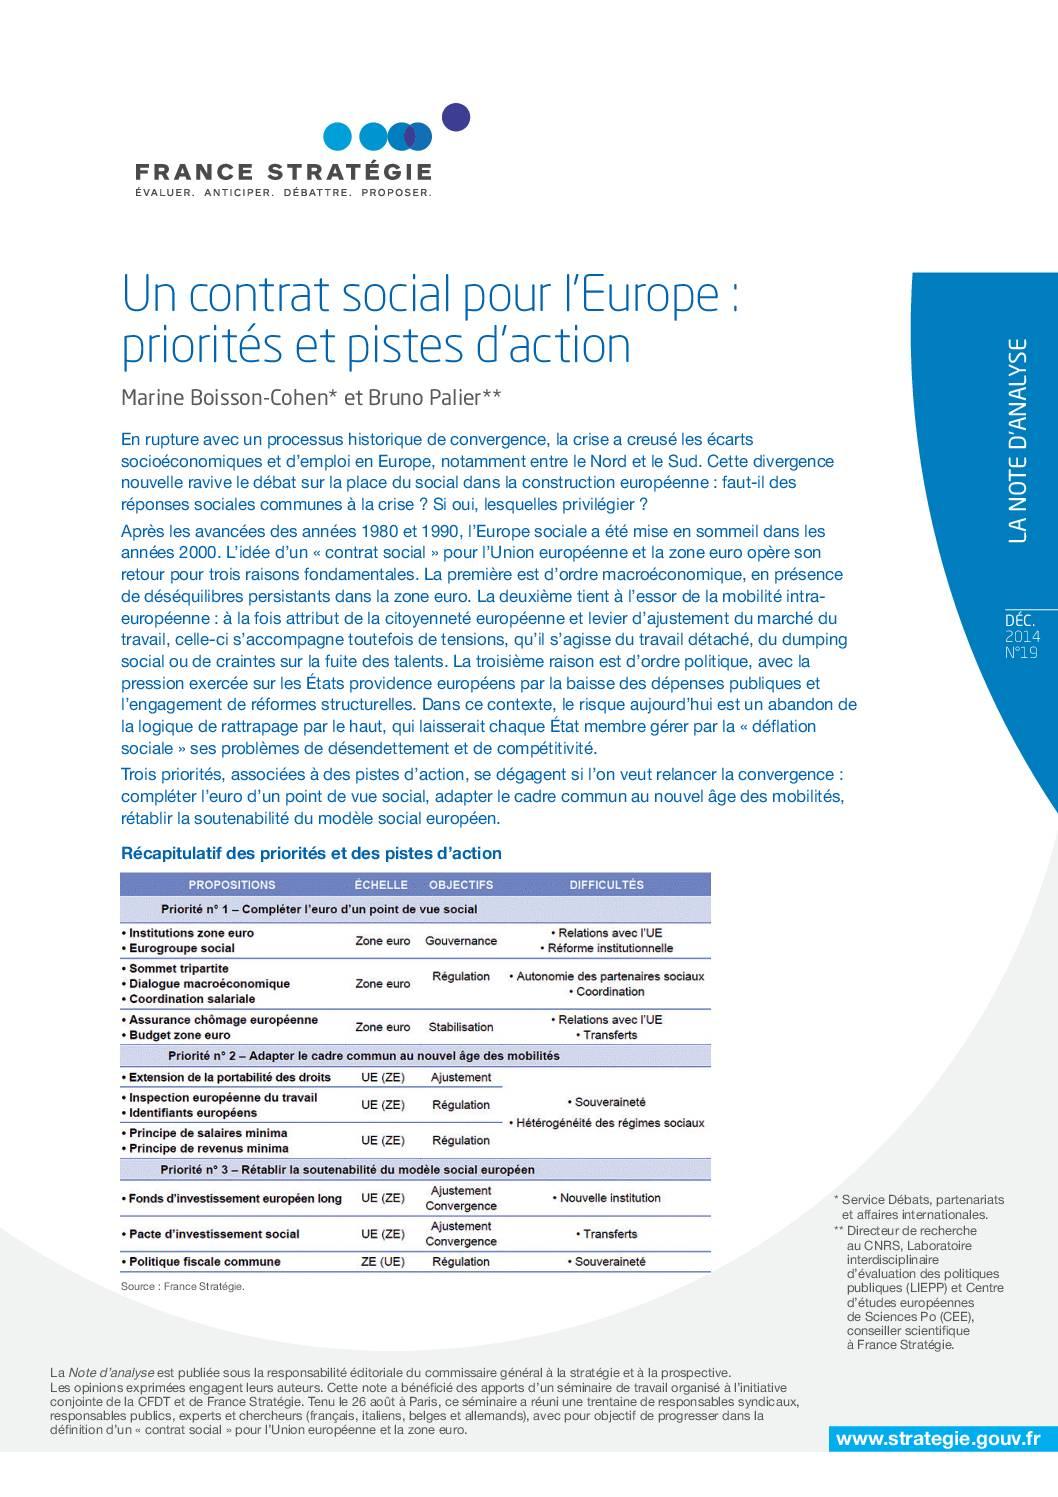 Un contrat social pour l'Europe : priorités et pistes d'action